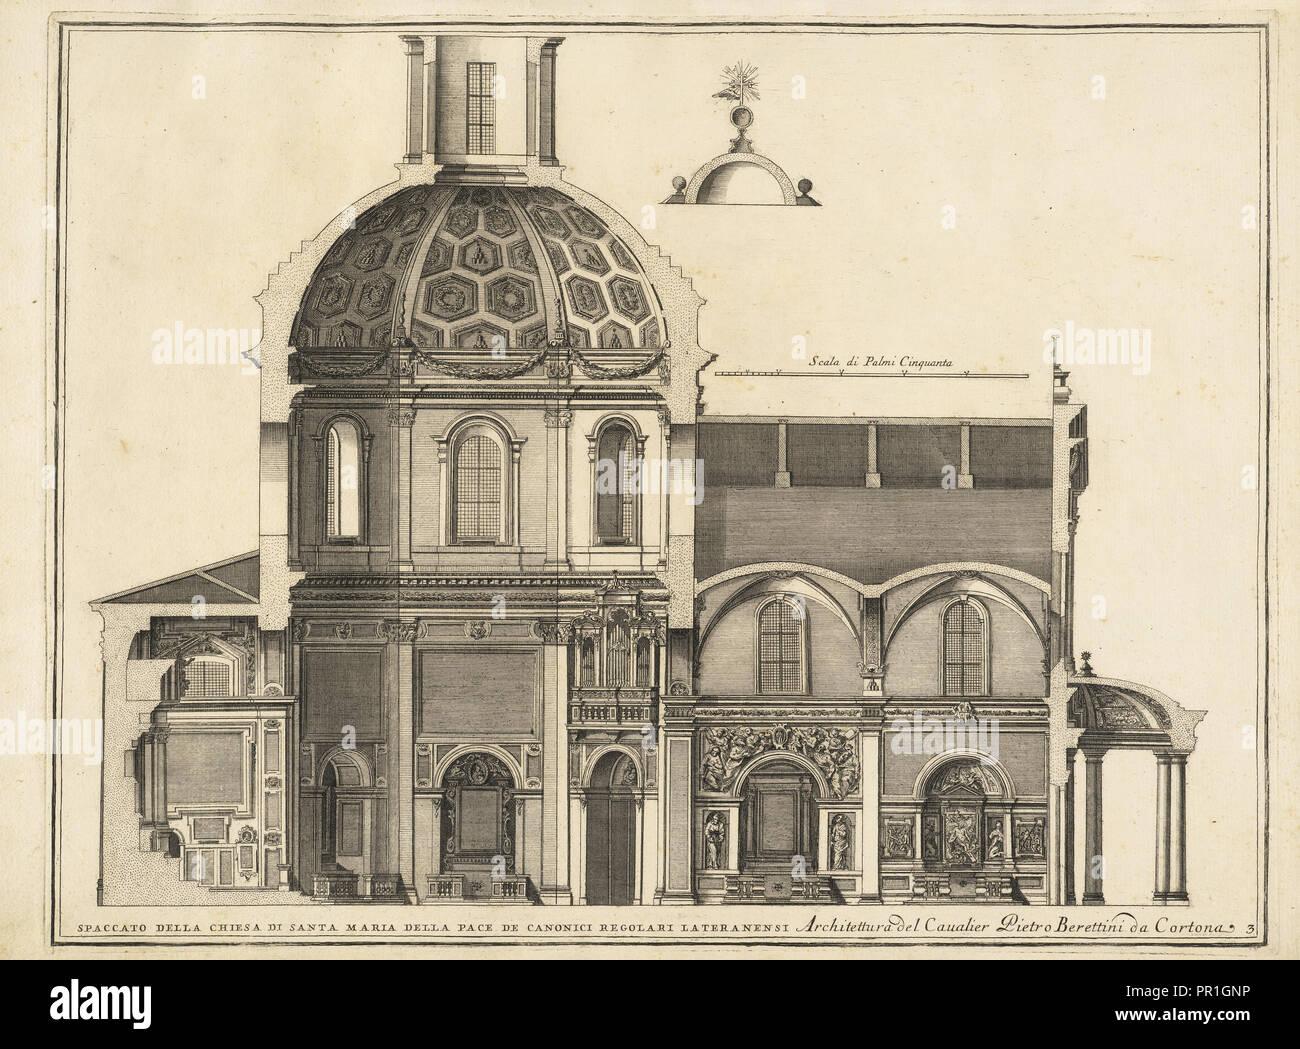 Spaccato della Chiesa di Santa Maria della Pace de Canonici Regolari Lateranensi, Stvdio d'architettvra civile sopra Stock Photo